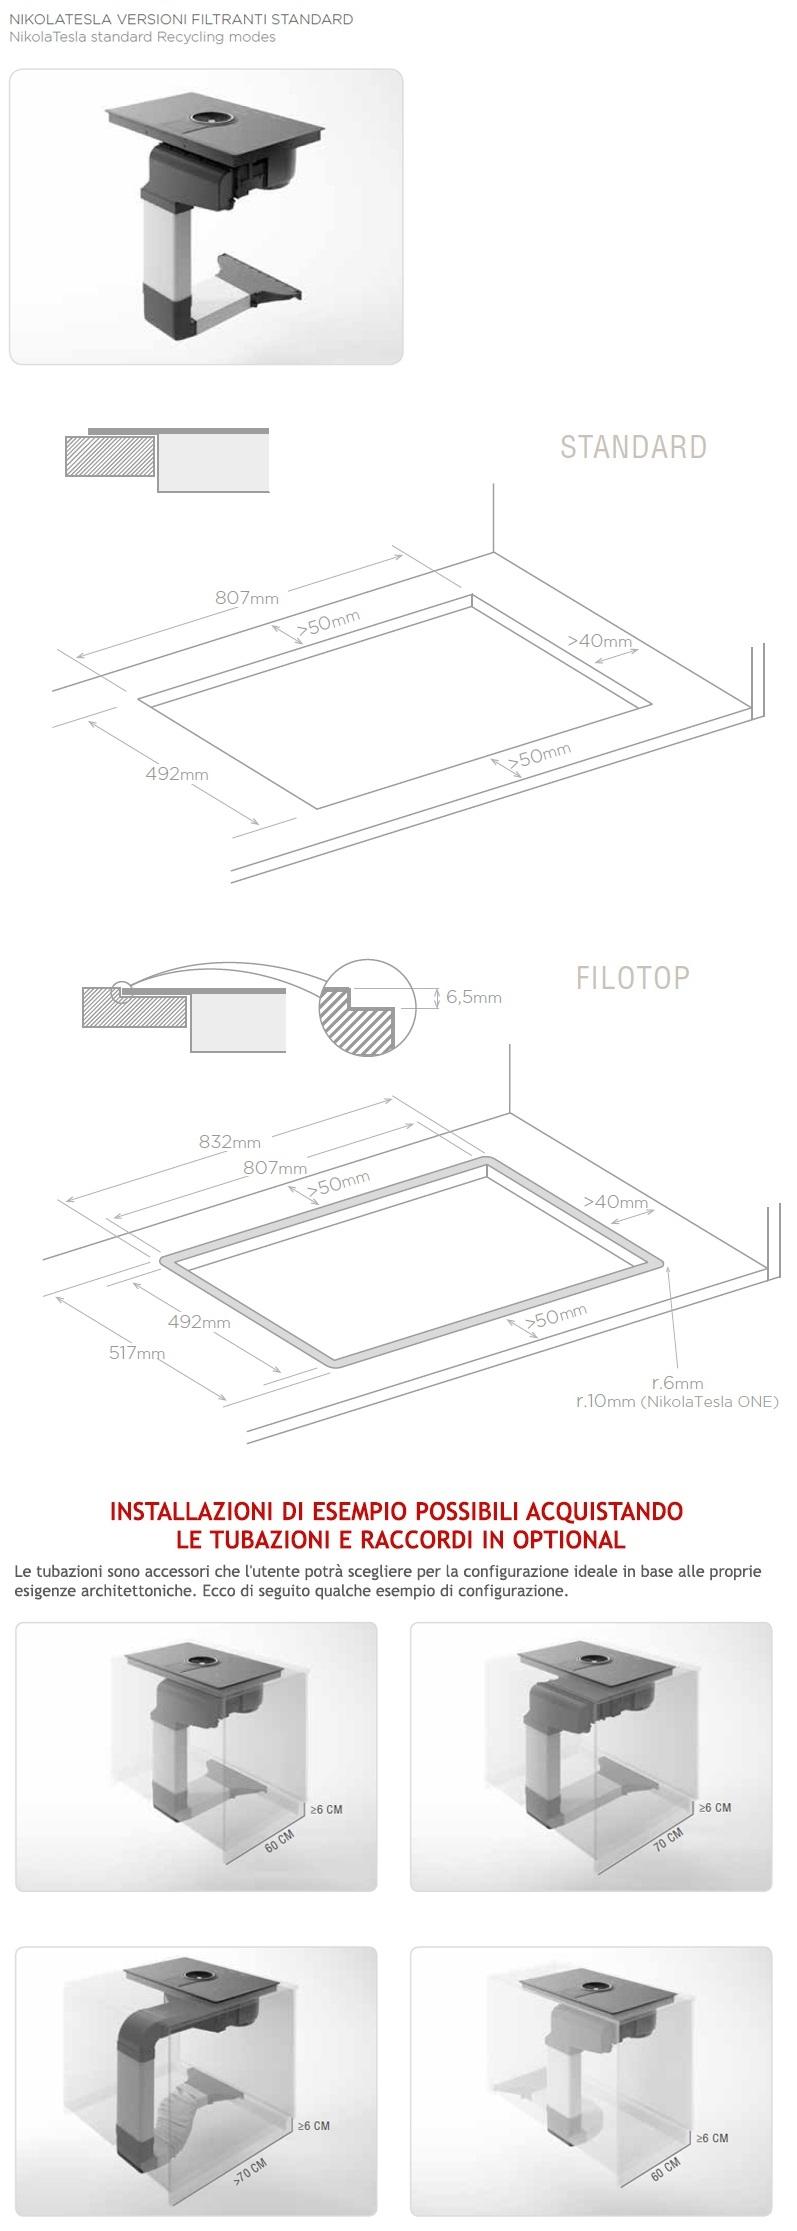 Piano Cottura Elica Prezzo elica prf0146213 nikolatesla switch wh/f/80 piano cottura induzione con  cappa versione filtrante